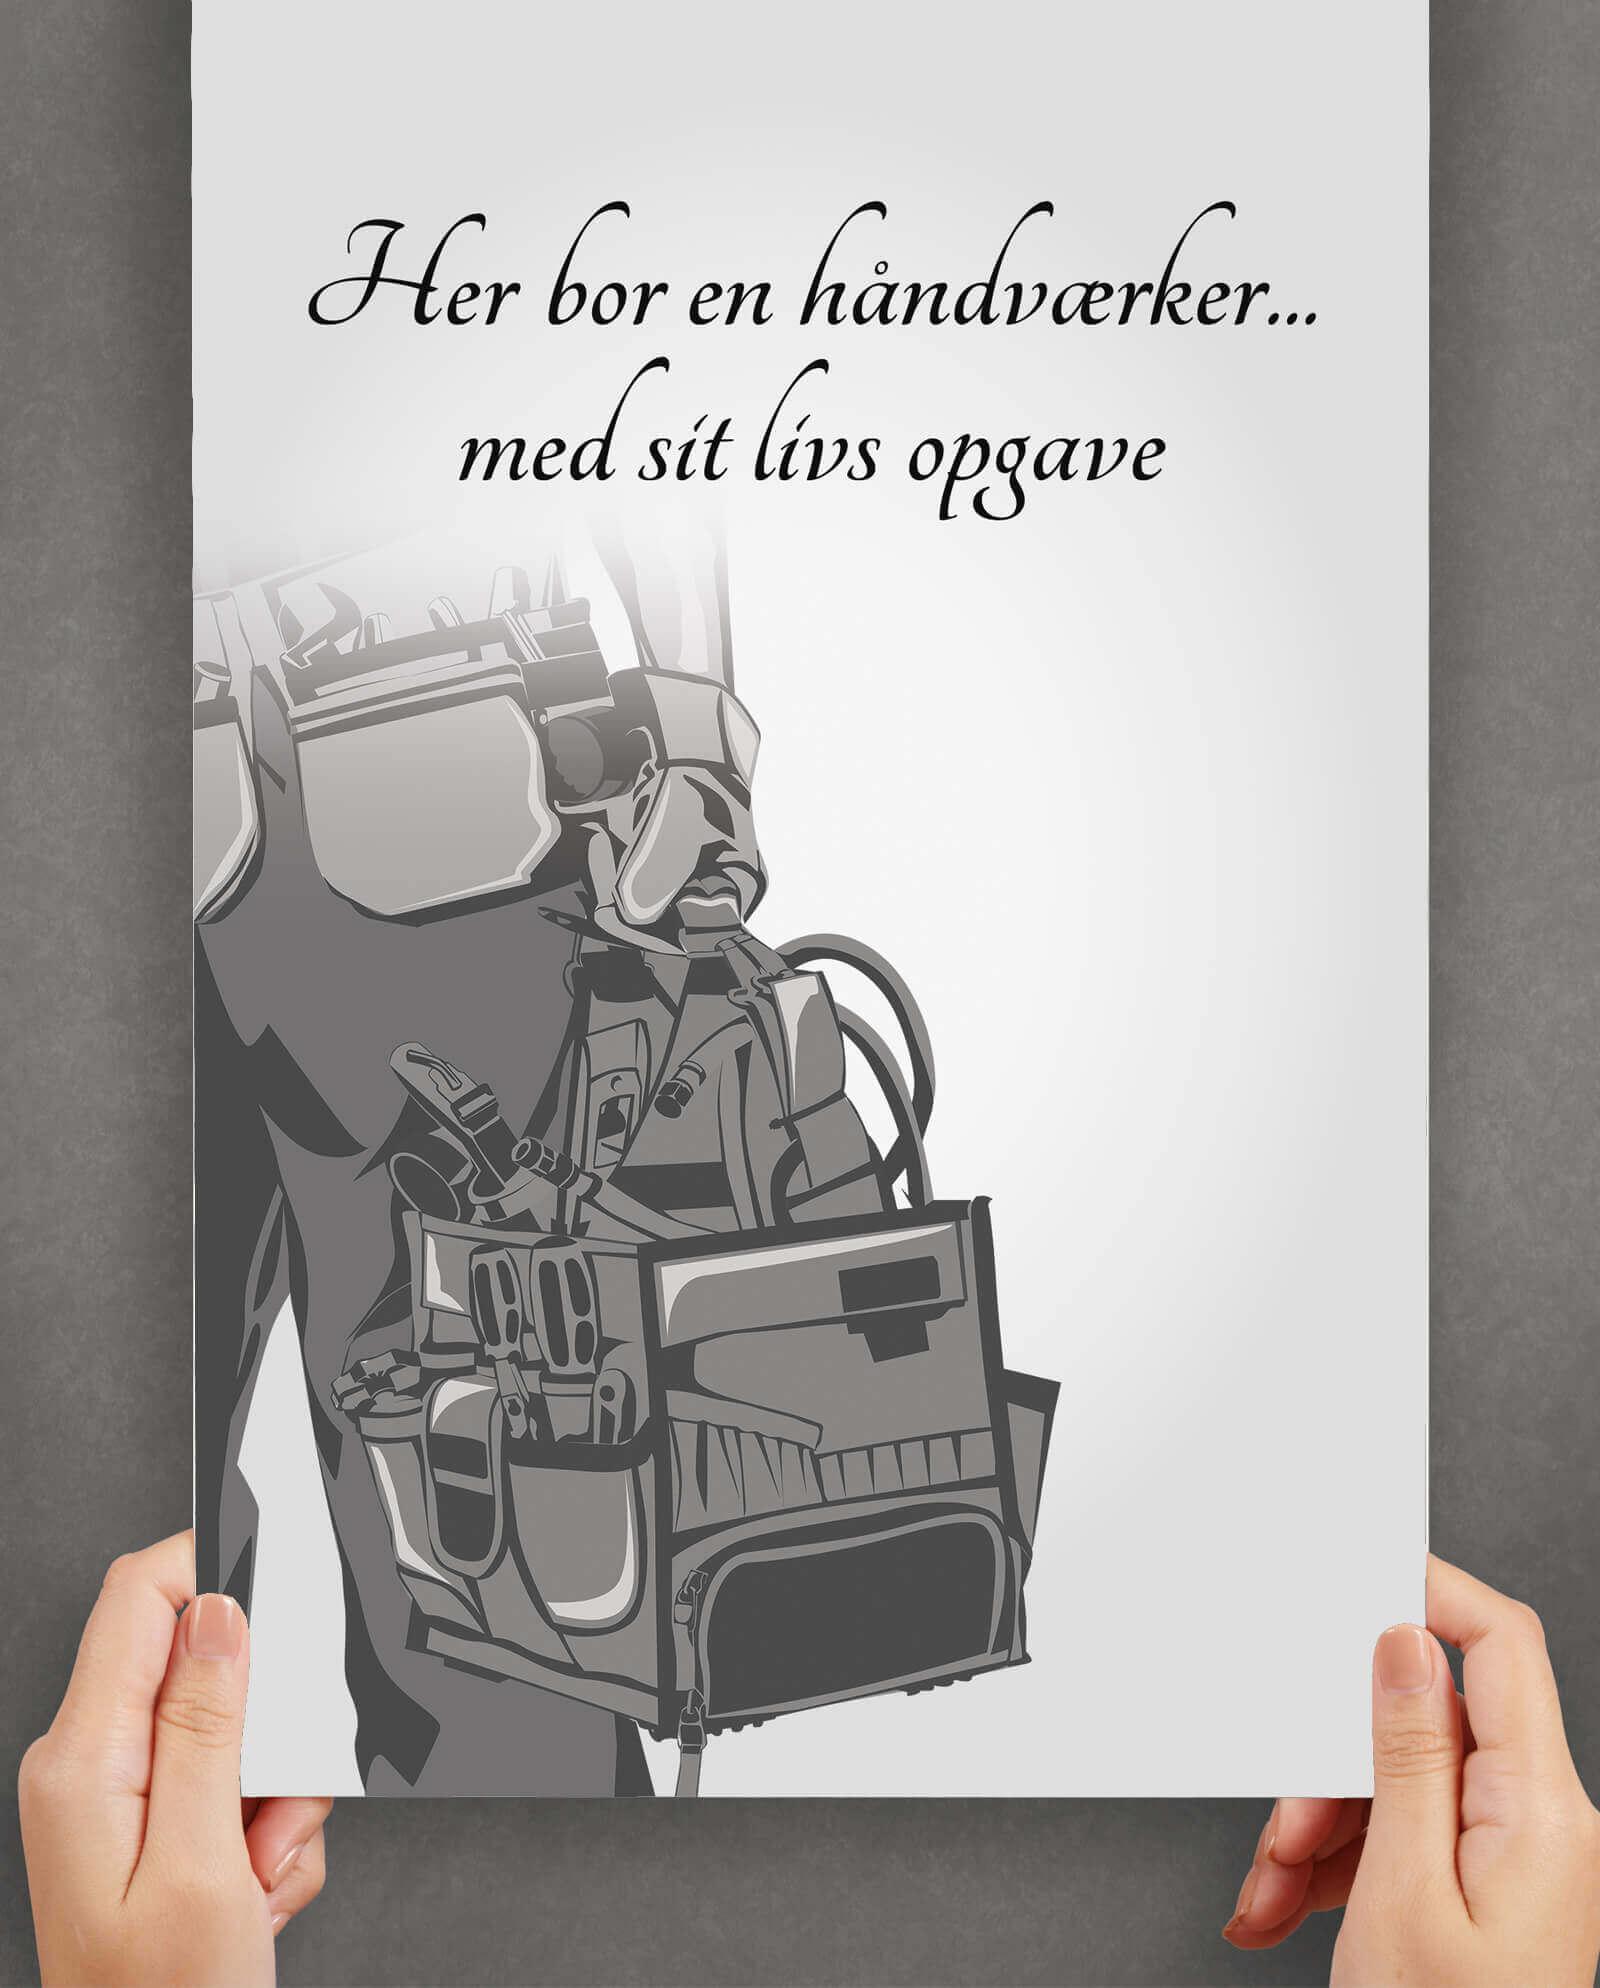 haandvaerker-job-plakat-1